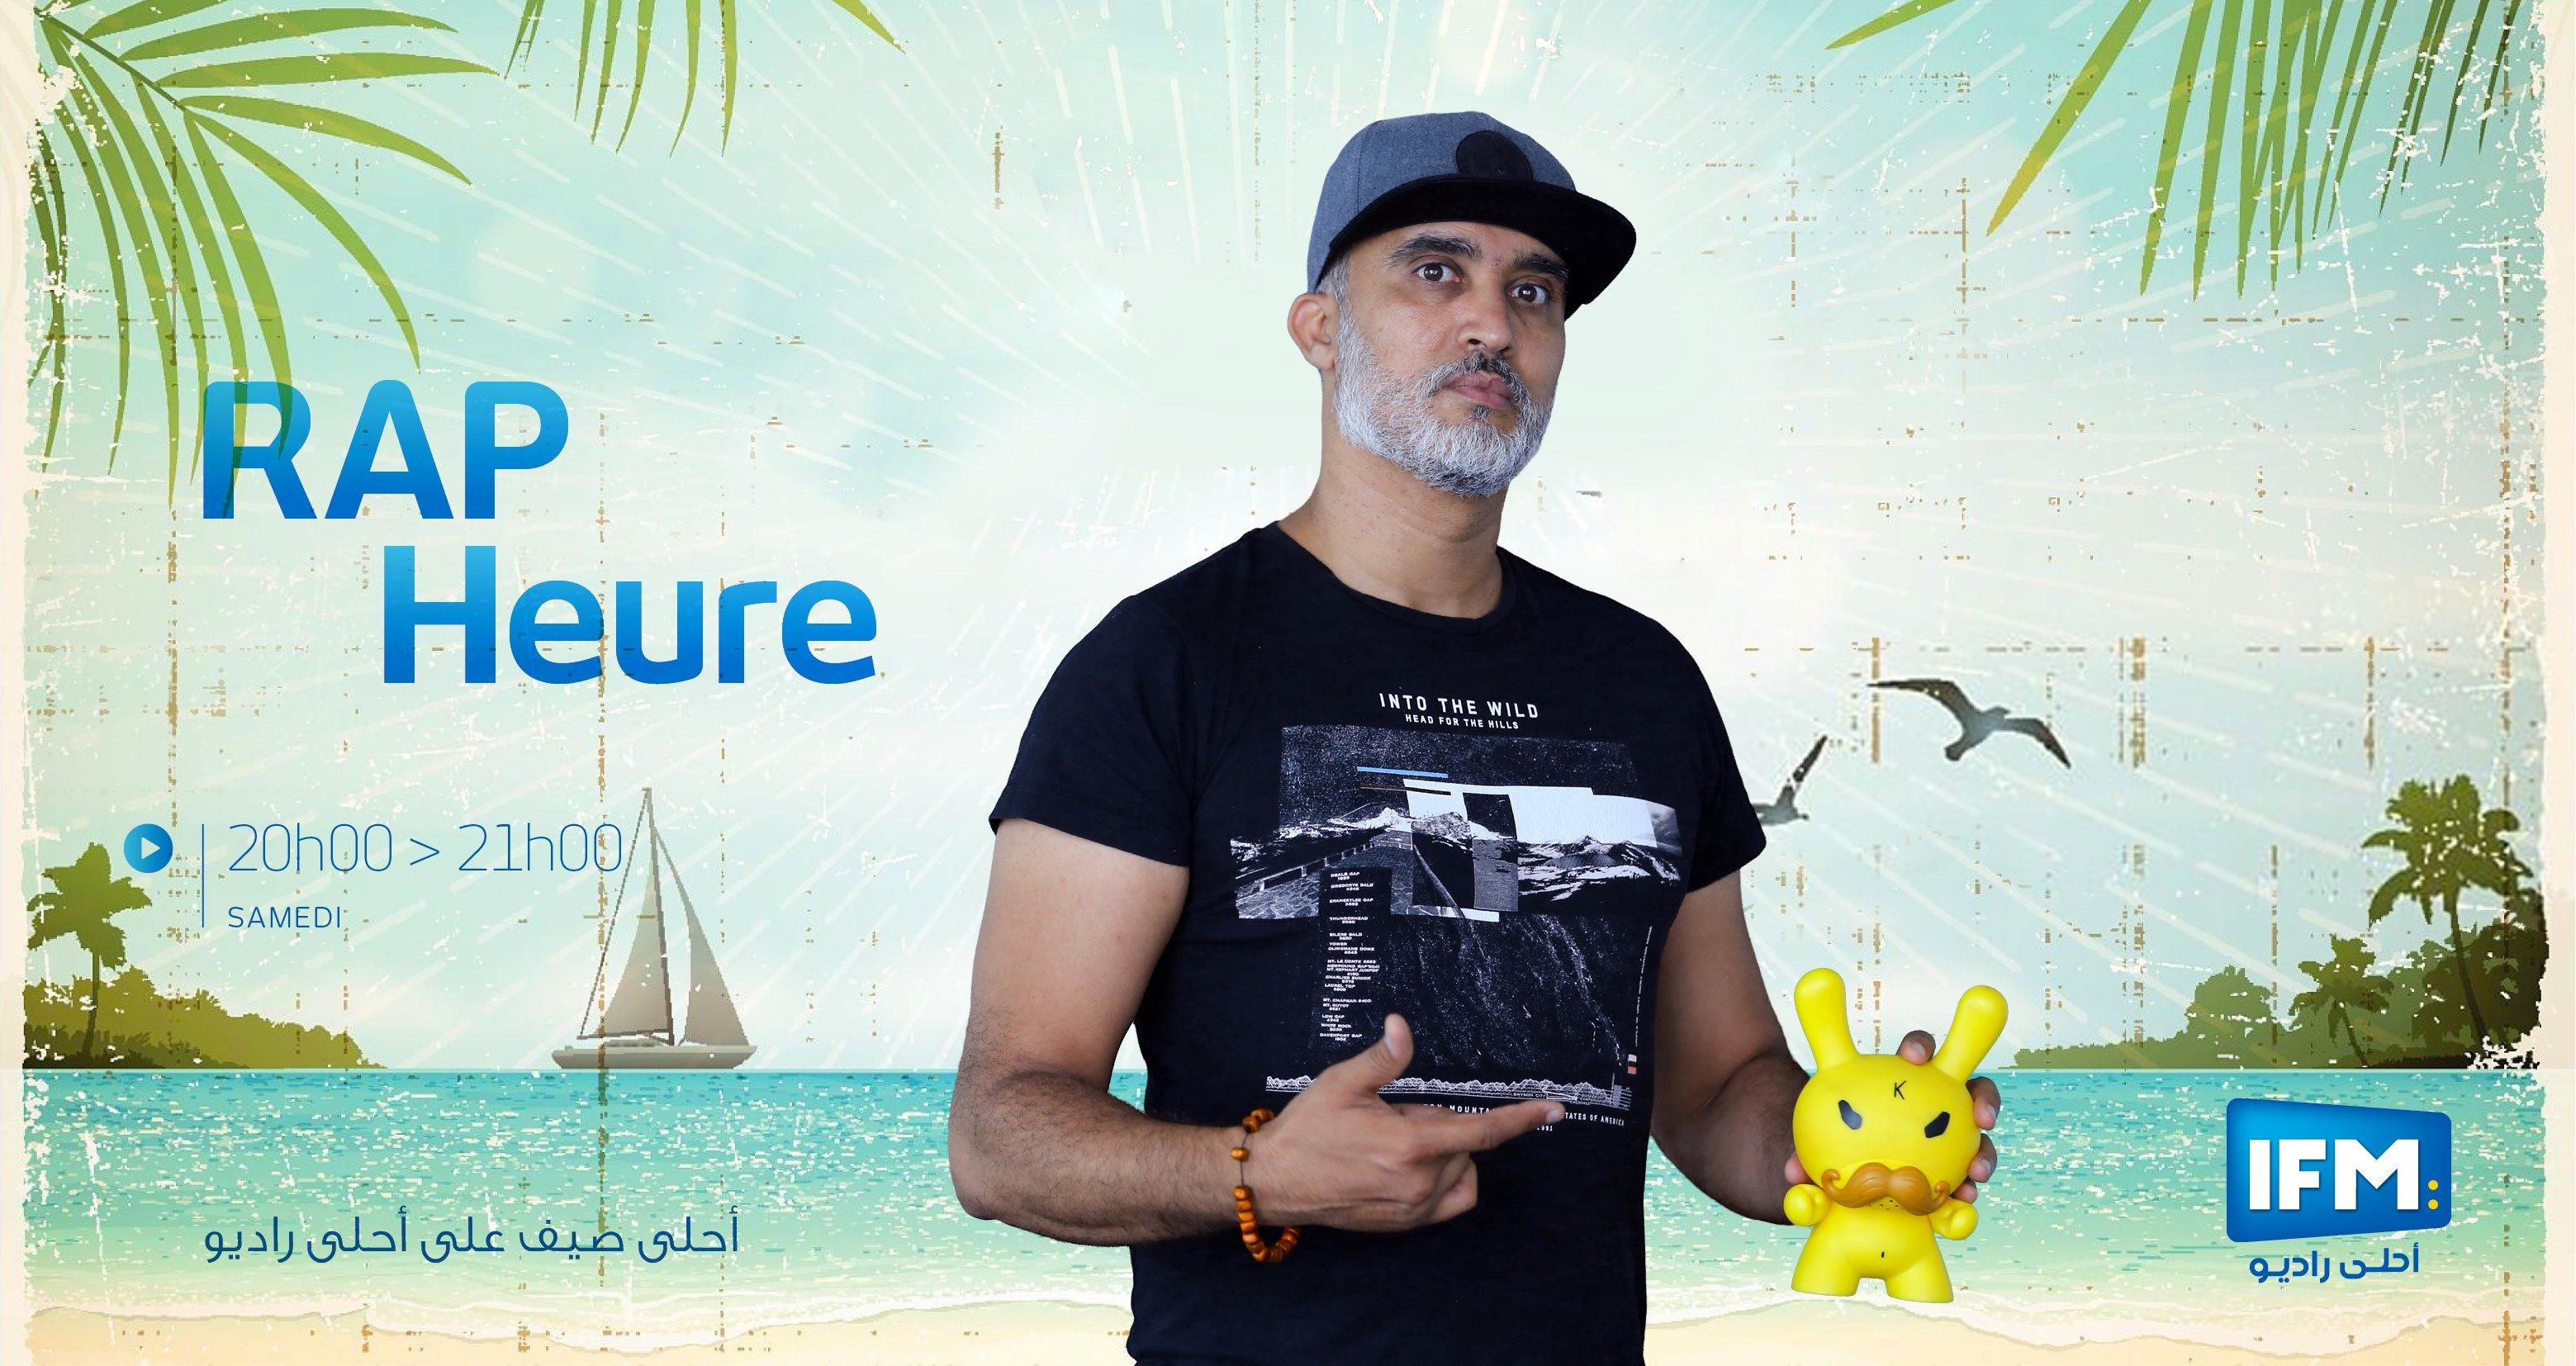 راب Heure راب heure السبت 4 جويلية 2020